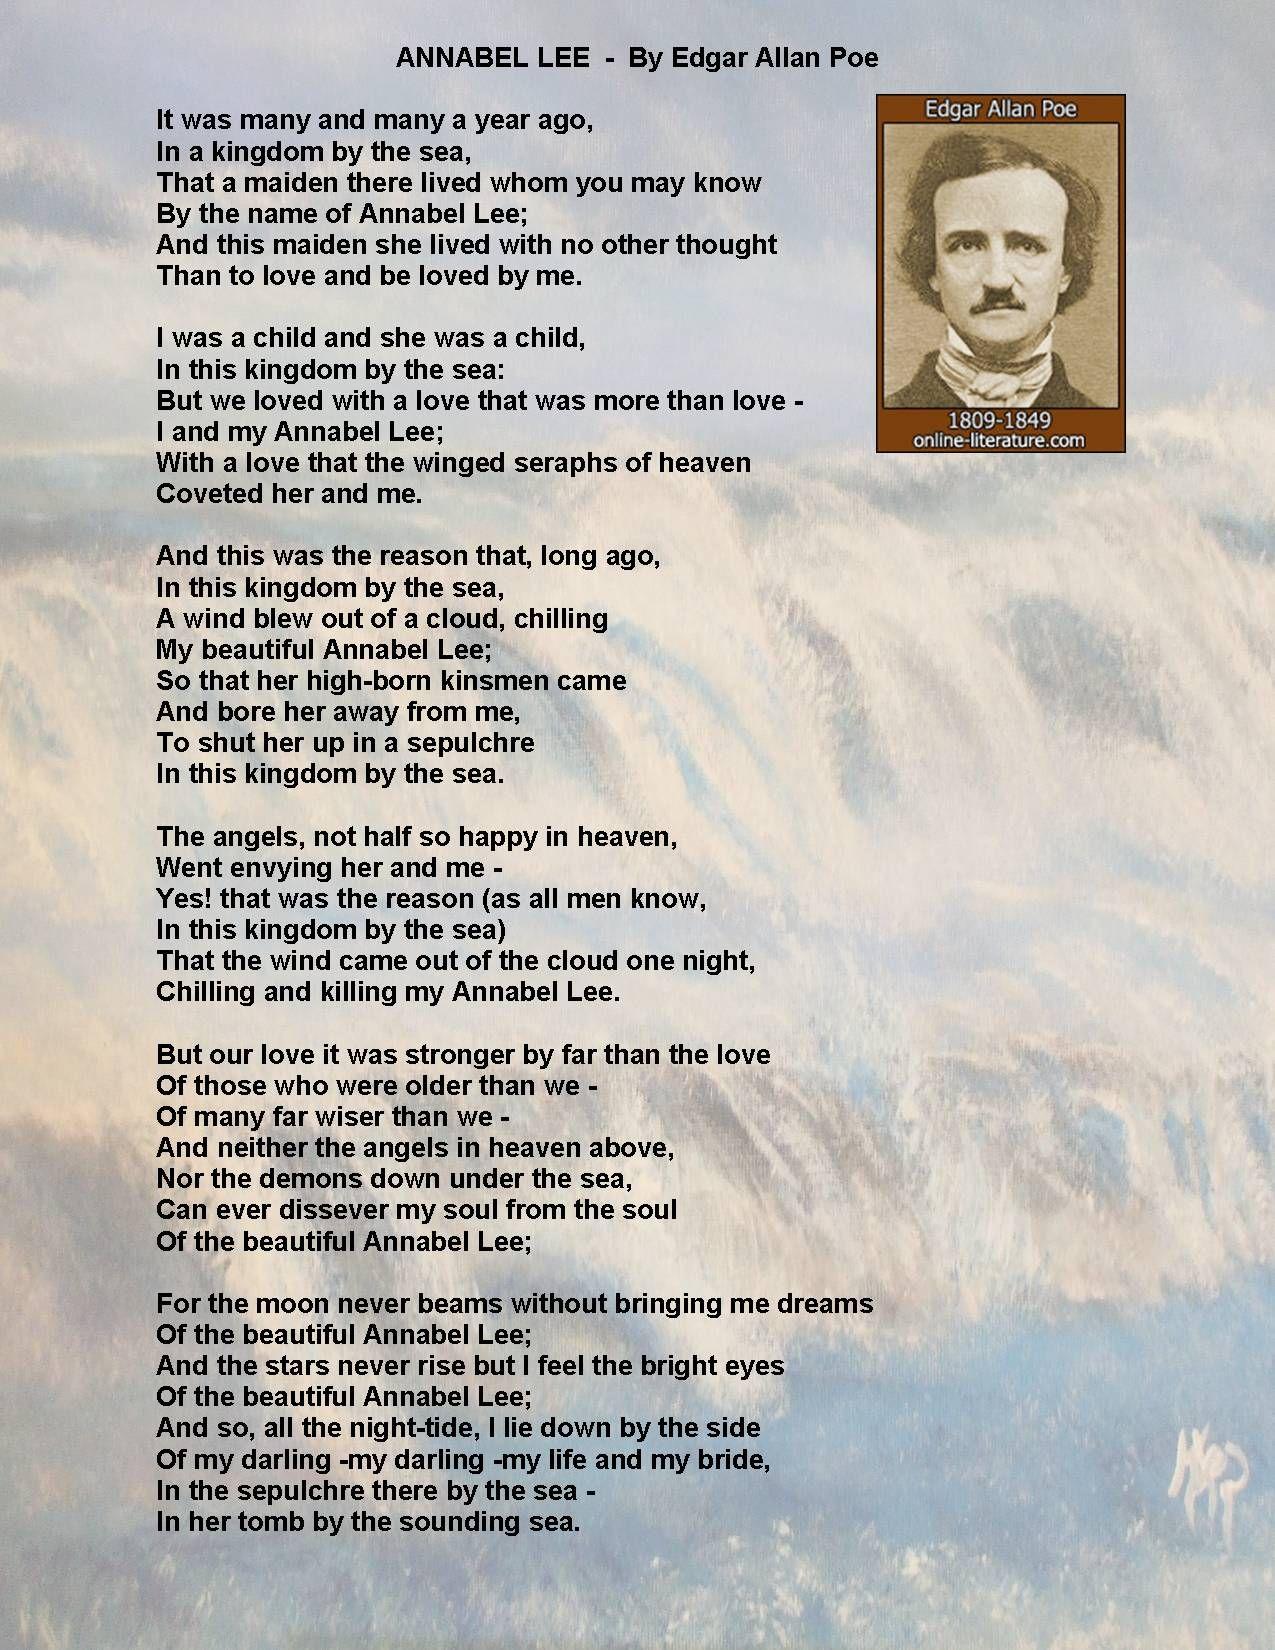 My Favorite Poem Annabel Lee By Edgar Allan Poe Poems Beautiful Edgar Allan Poe Poems